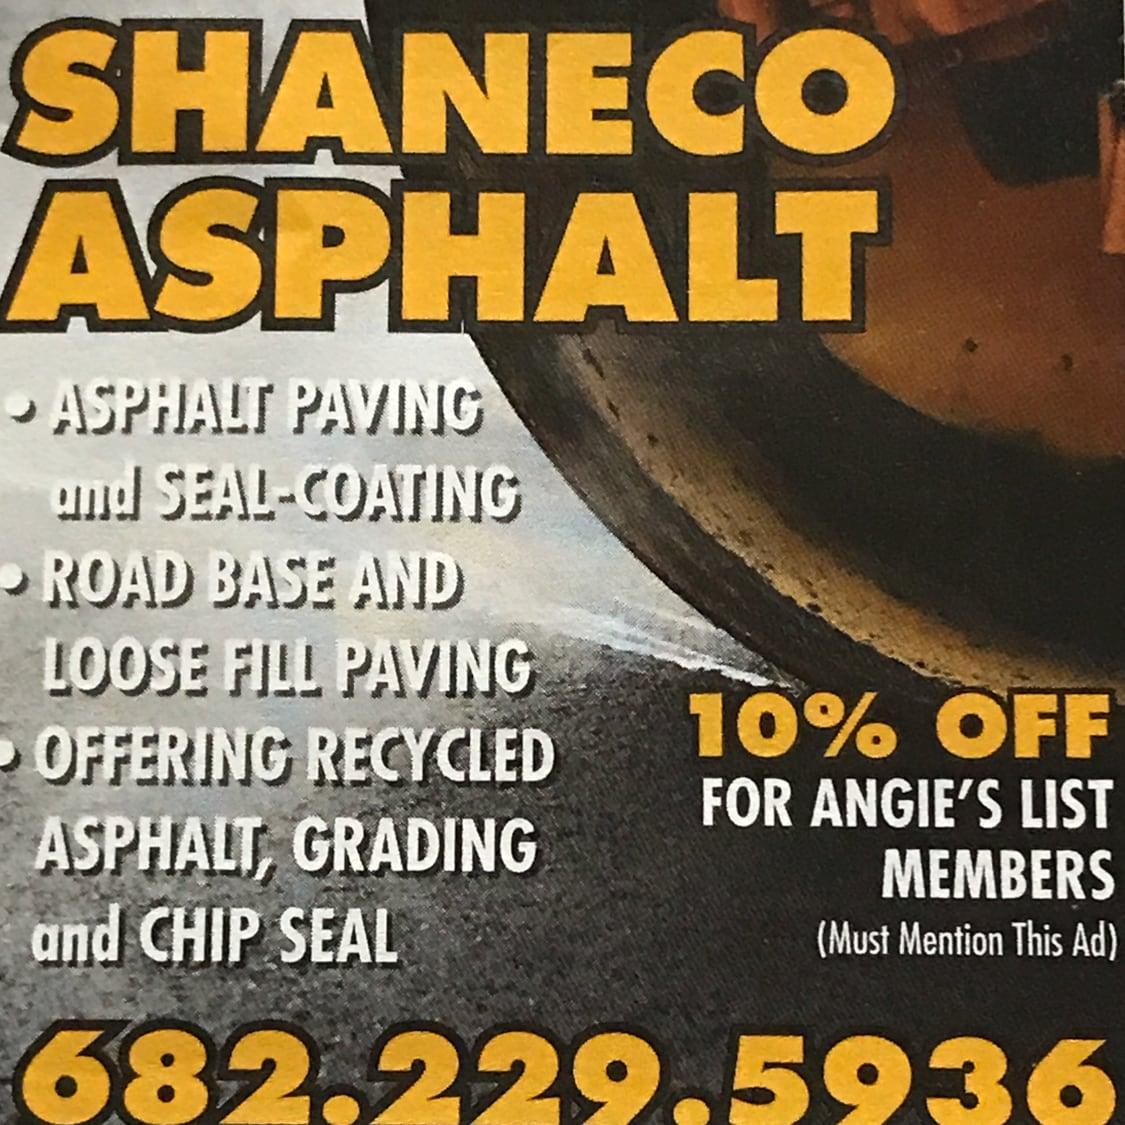 Shaneco Asphalt